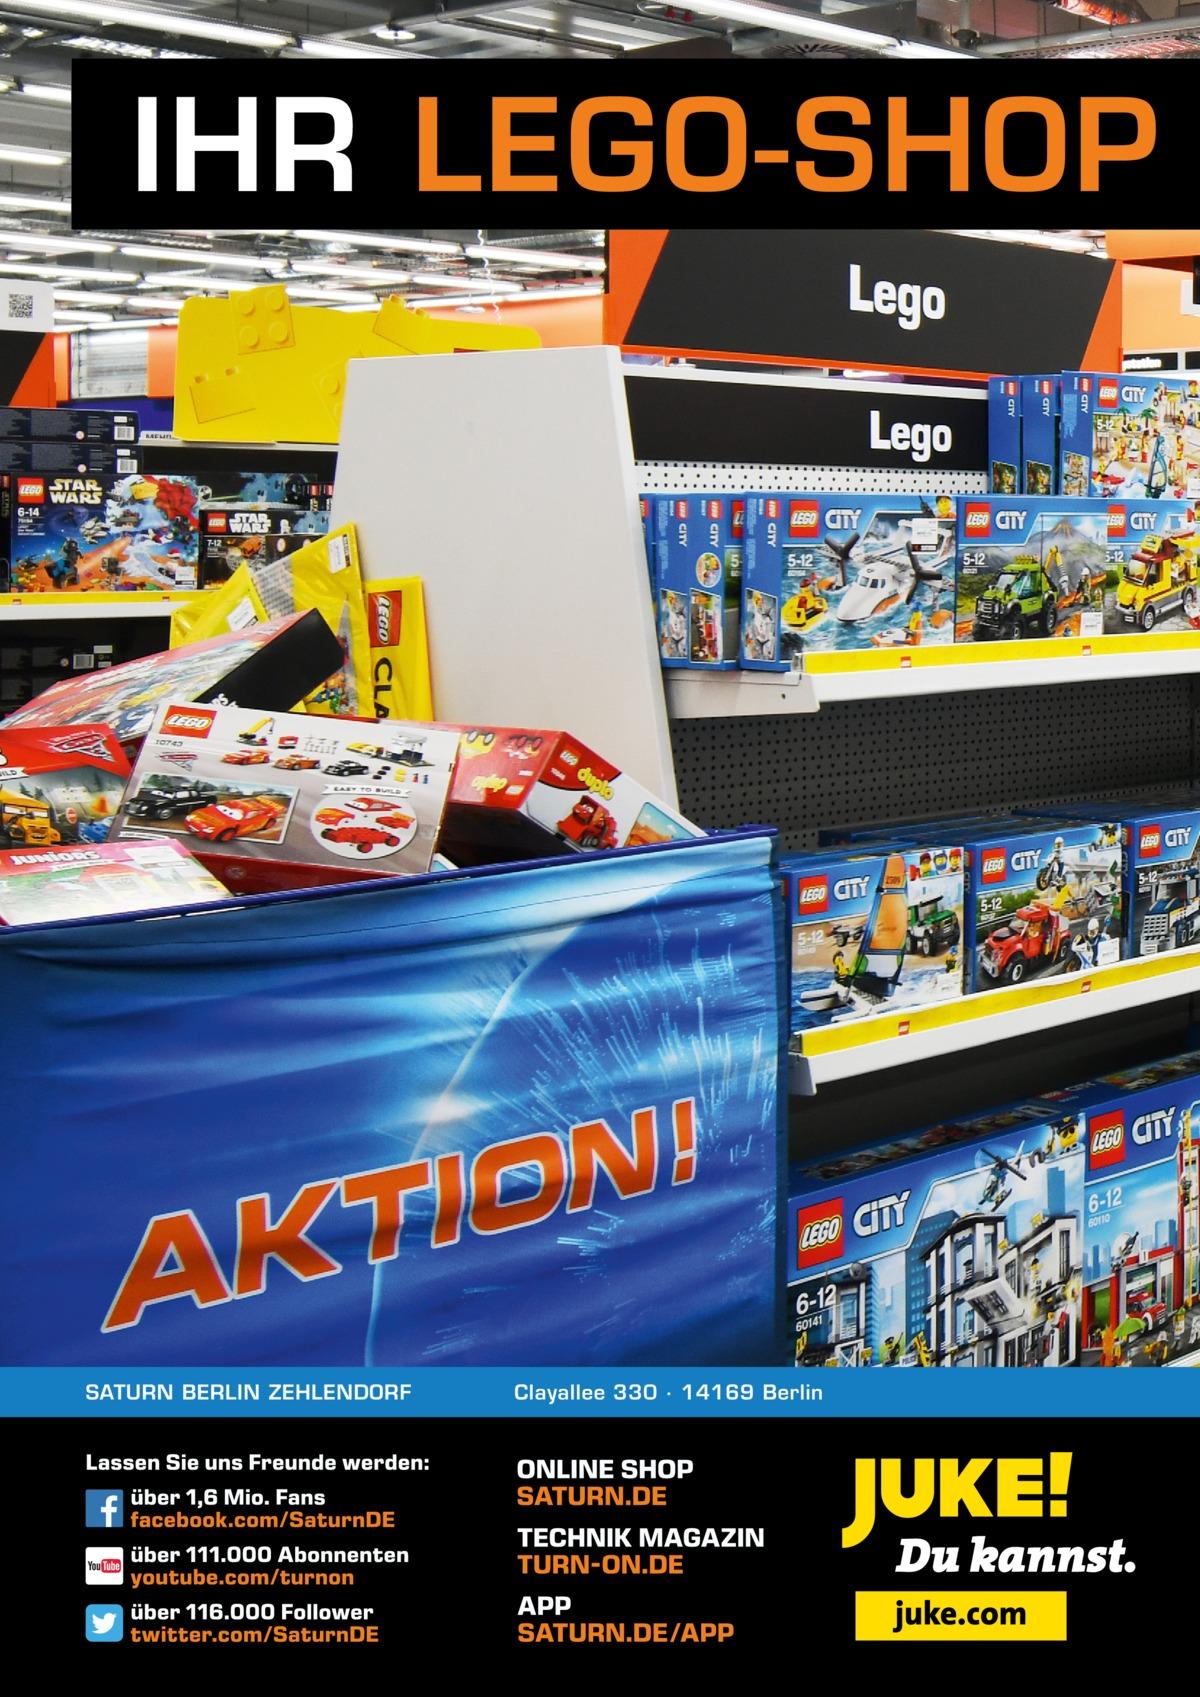 IHR LEGO-SHOP  SATURN BERLIN ZEHLENDORF  Clayallee 330 ∙ 14169Berlin